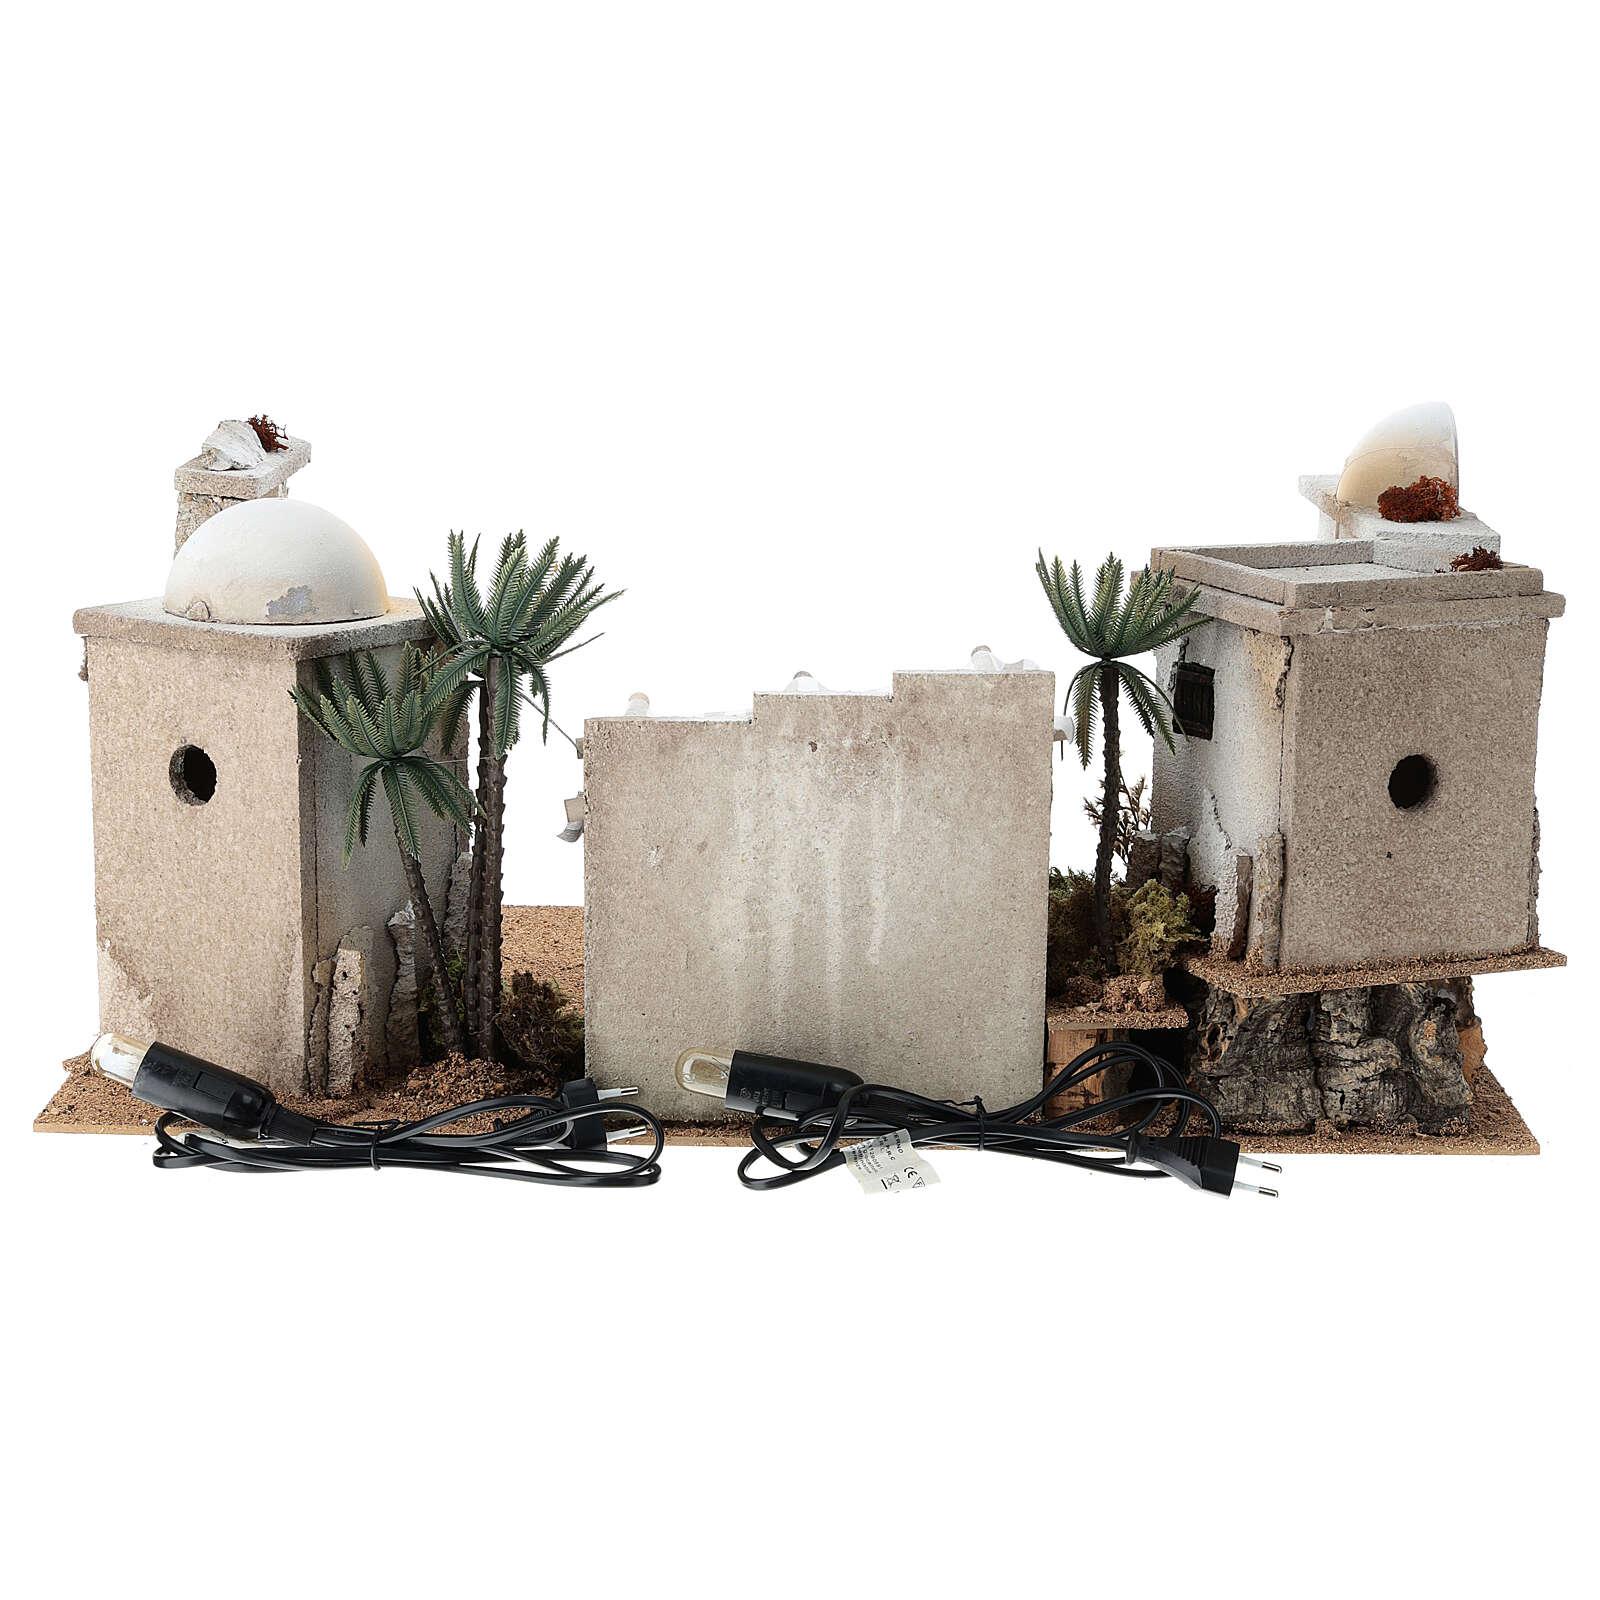 Décor arabe en liège dôme et terrasse 30x60x40 cm CÔTÉ DROIT 4